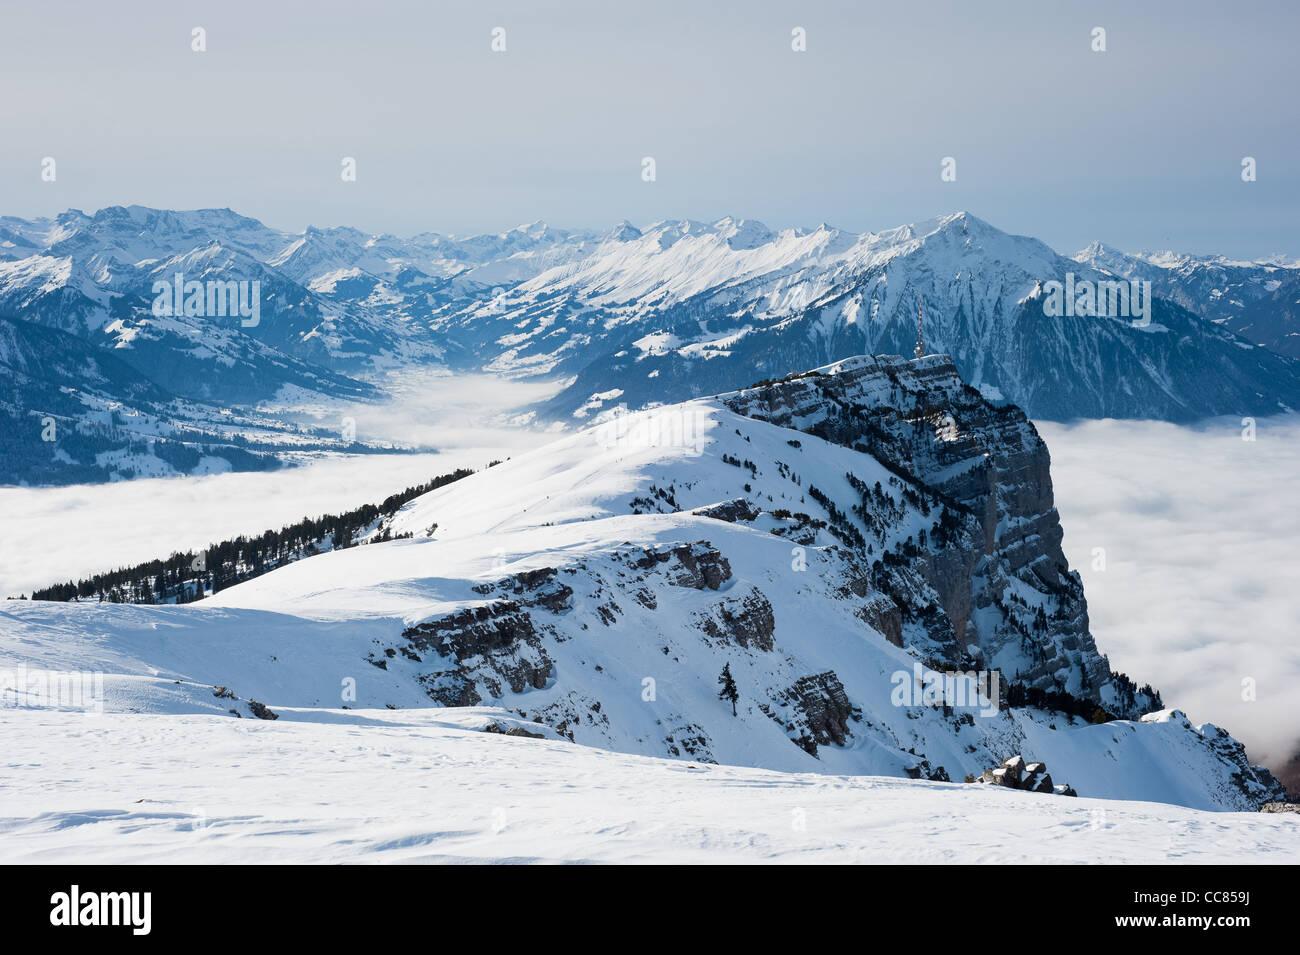 View from Burgfeldstand/Niederhorn in winter, Berner Oberland, Switzerland - Stock Image